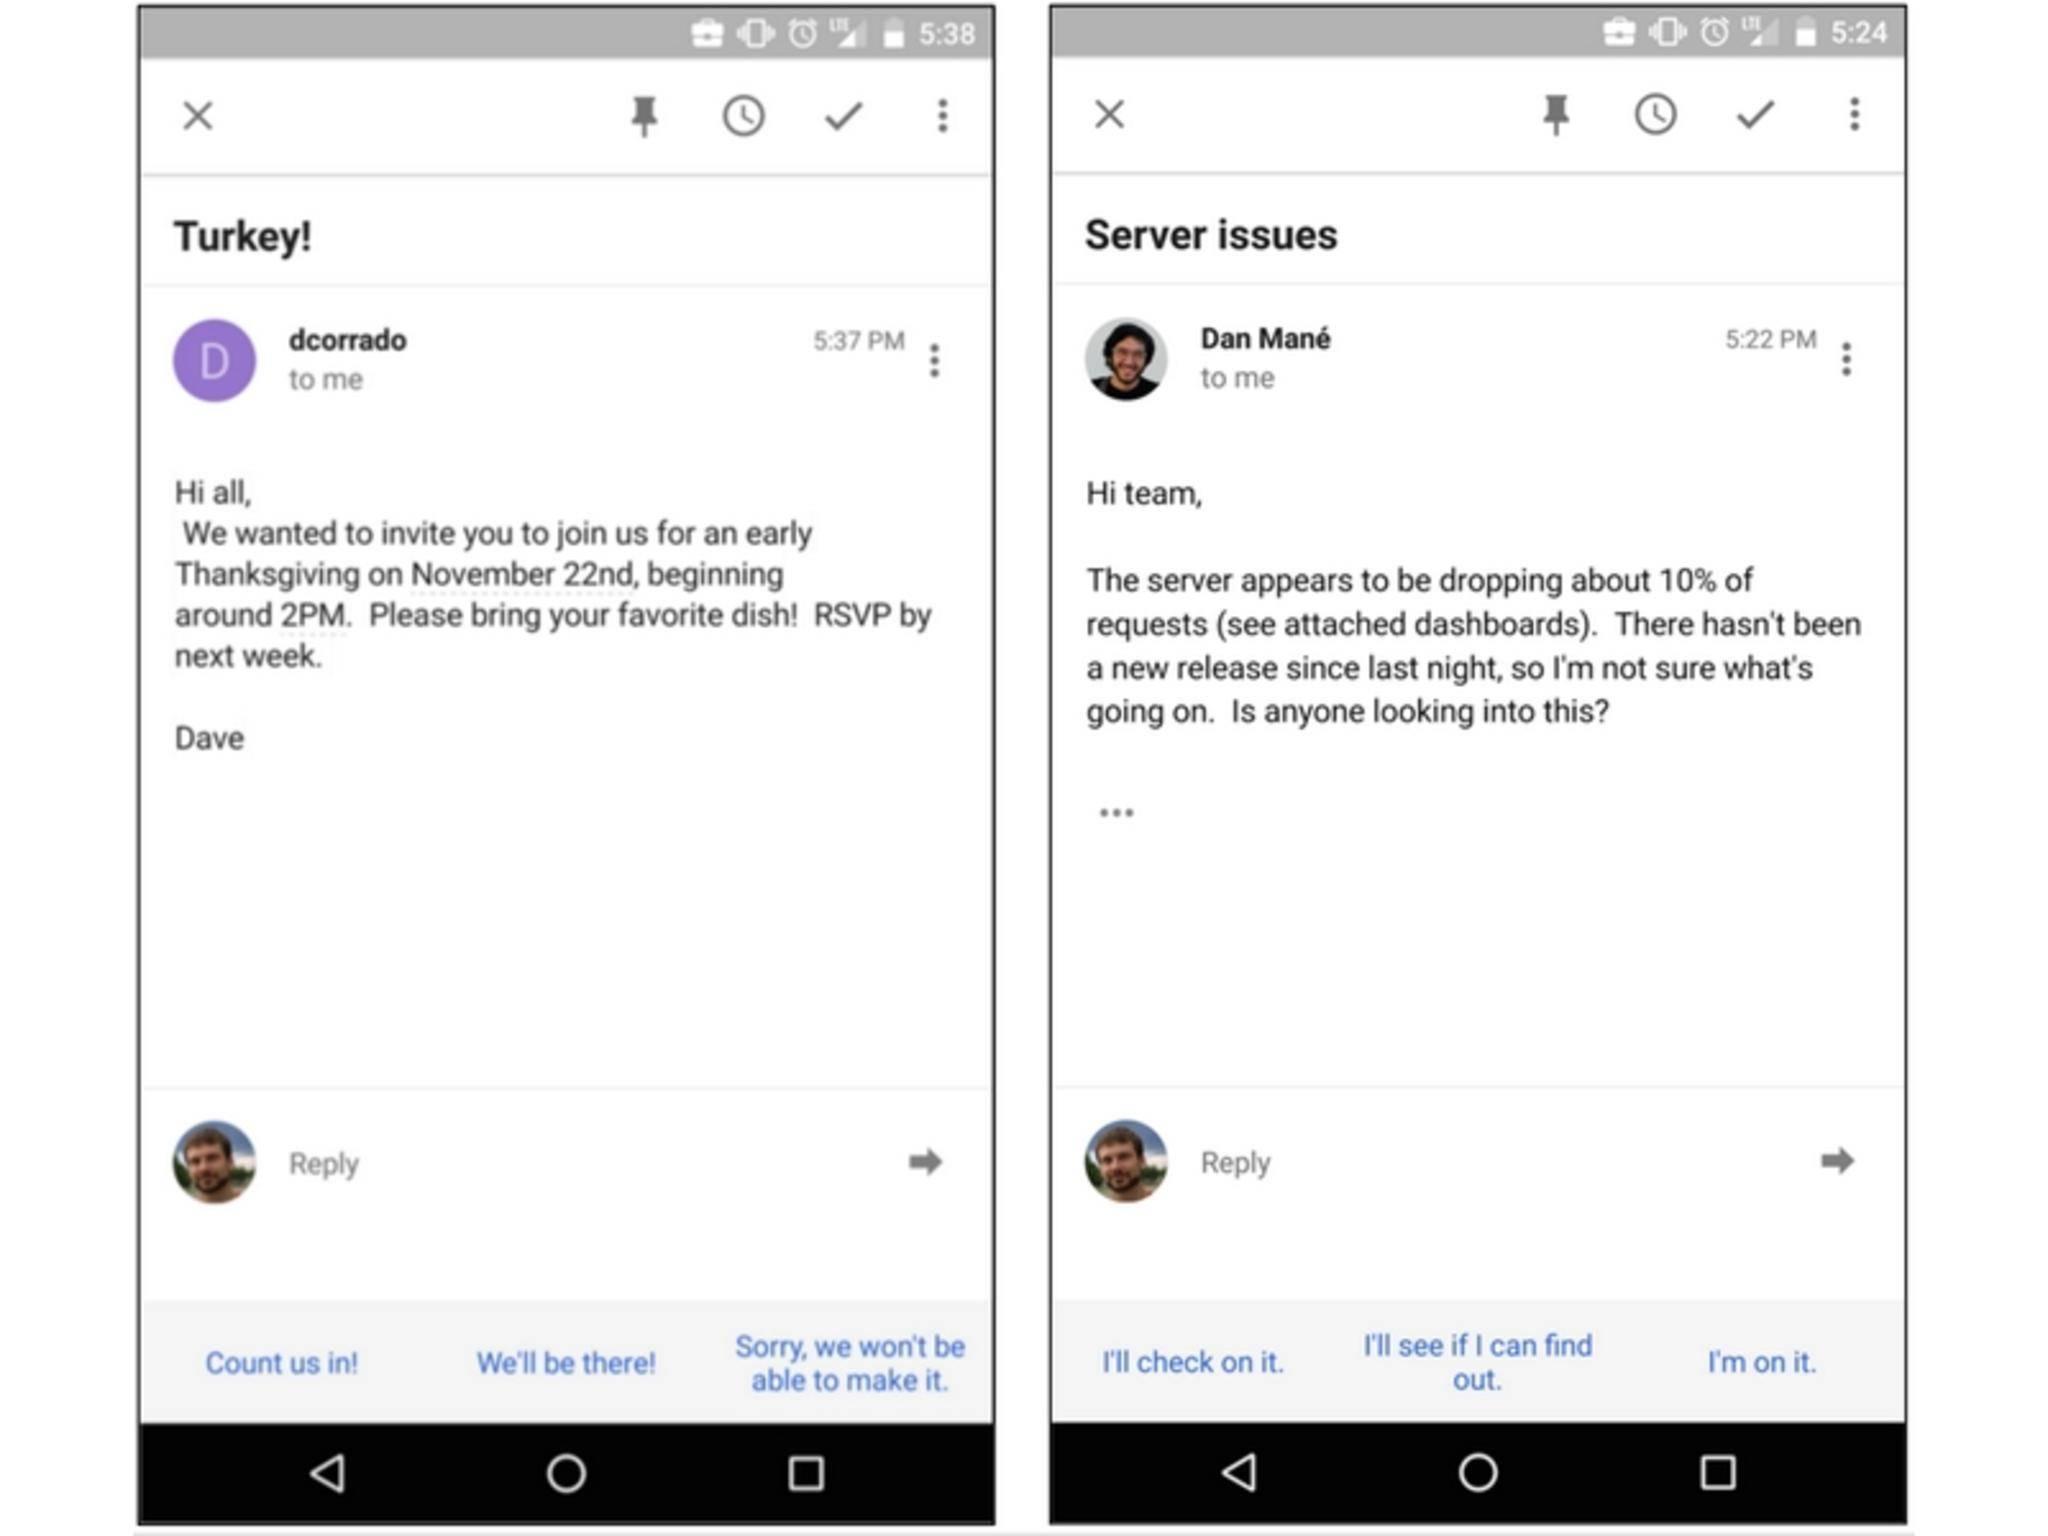 Das neue Tool schlägt eigenständig Antworten auf E-Mails vor.